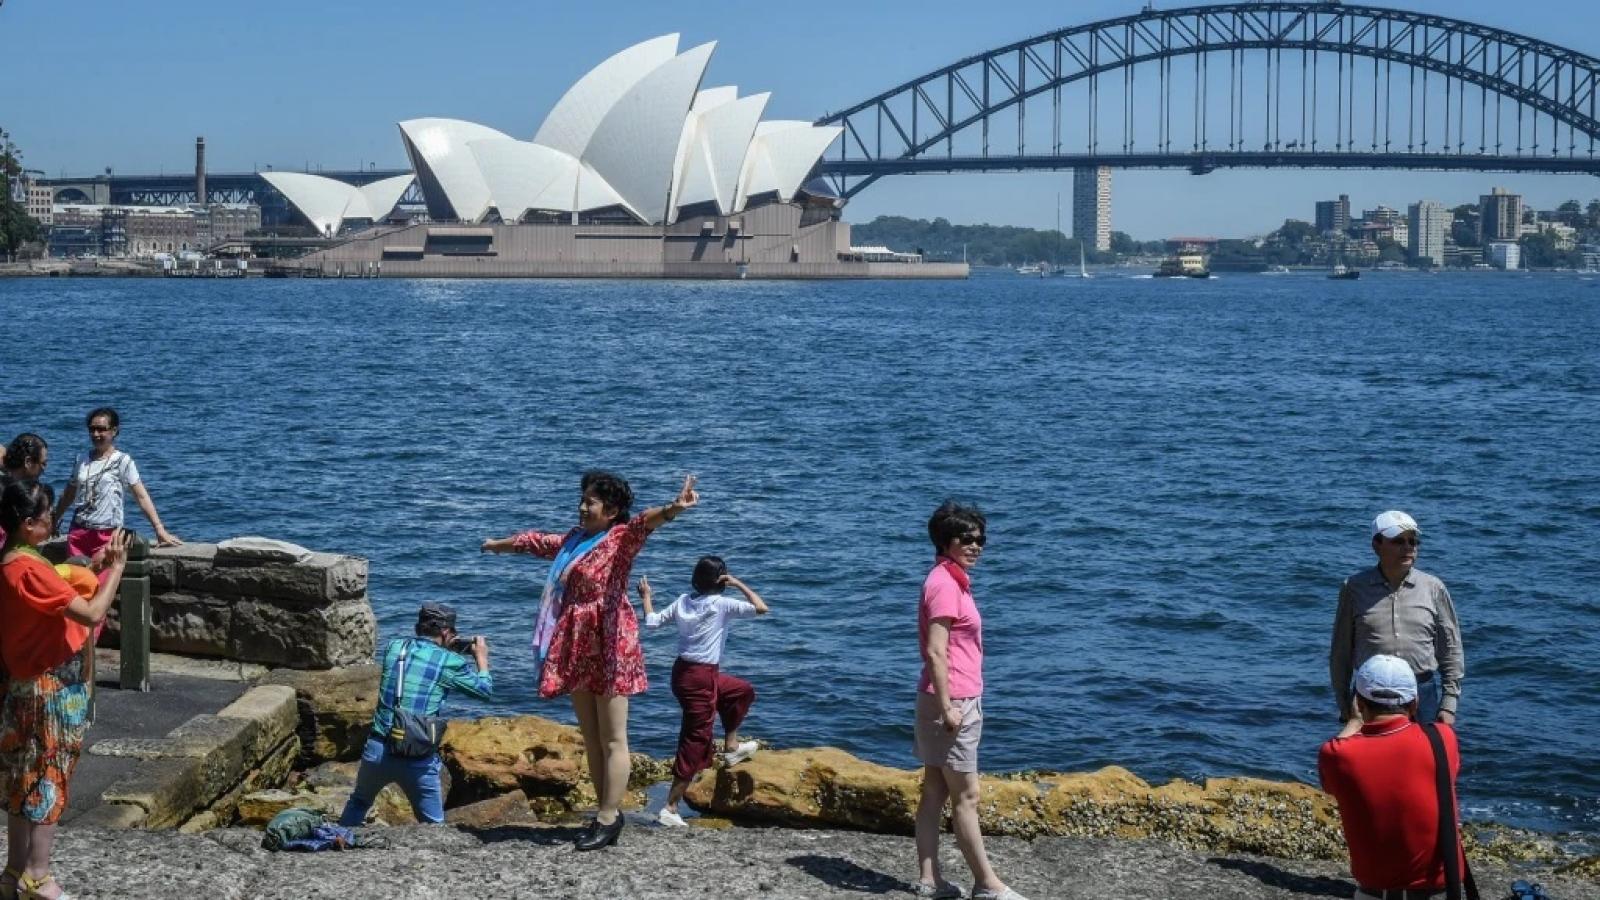 Trung Quốc cảnh báo công dân có thể bị tịch thu tài sản tại Australia